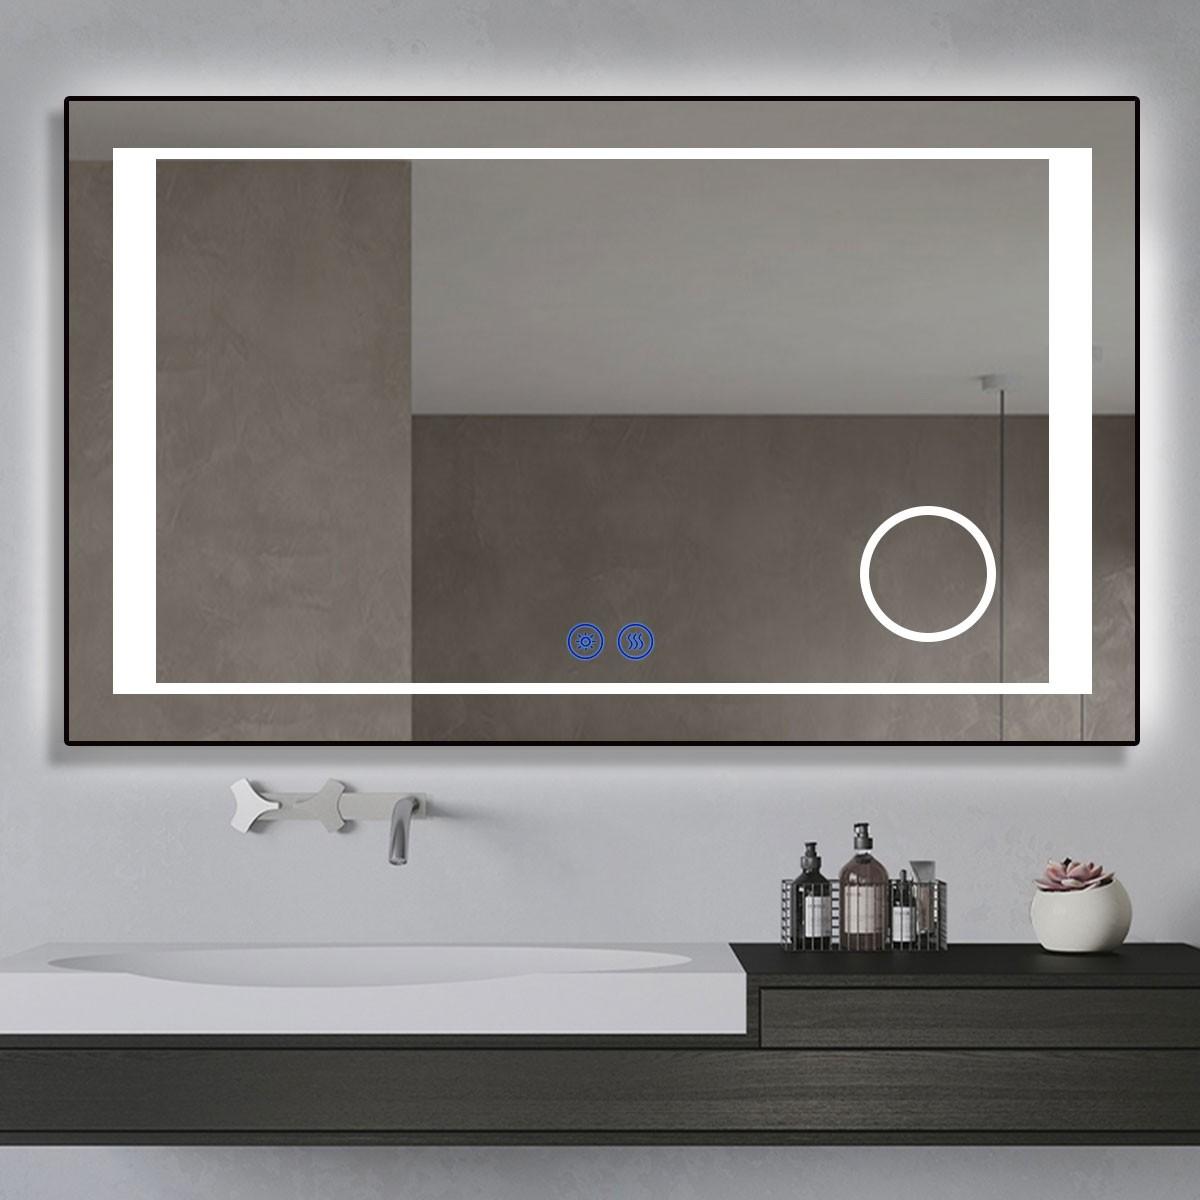 DECORAPORT 40 x 24 Po Miroir de Salle de Bain LED/Miroir Chambre avec Bouton Tactile, Loupe, Anti-Buée, Luminosité Réglable, Montage Vertical & Horizontal (KT11-4024)